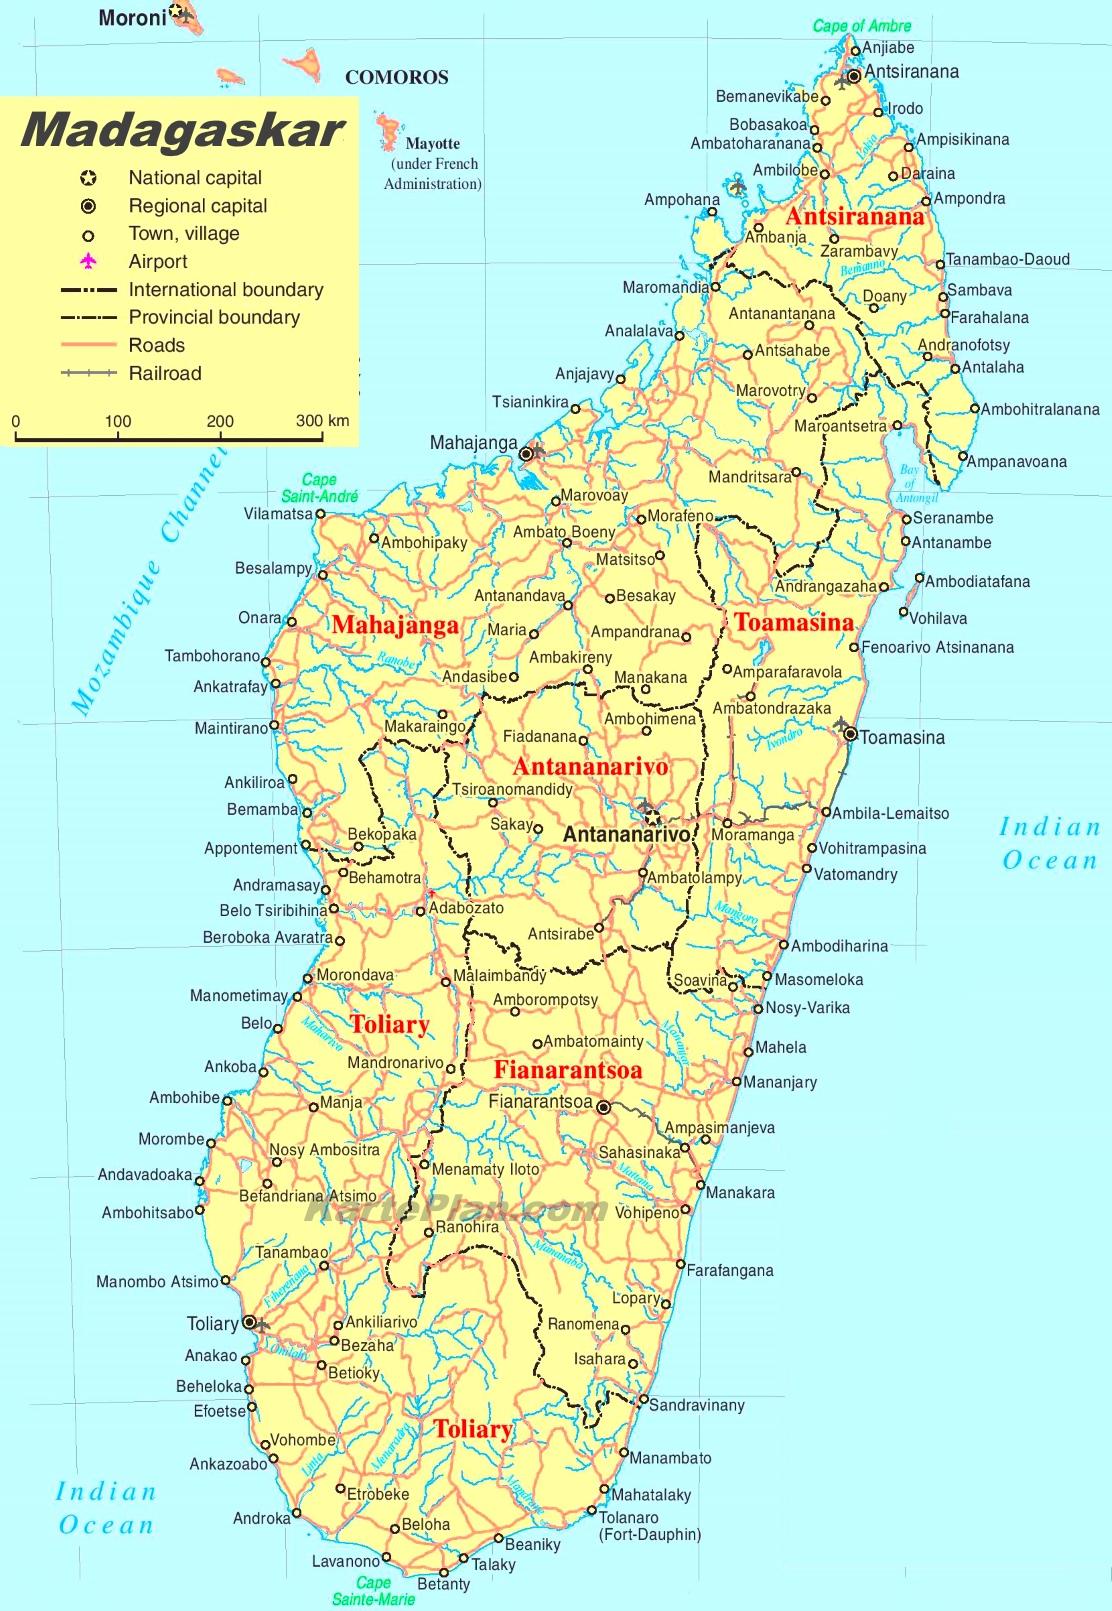 Madagaskar Karte.Madagaskar Politische Karte